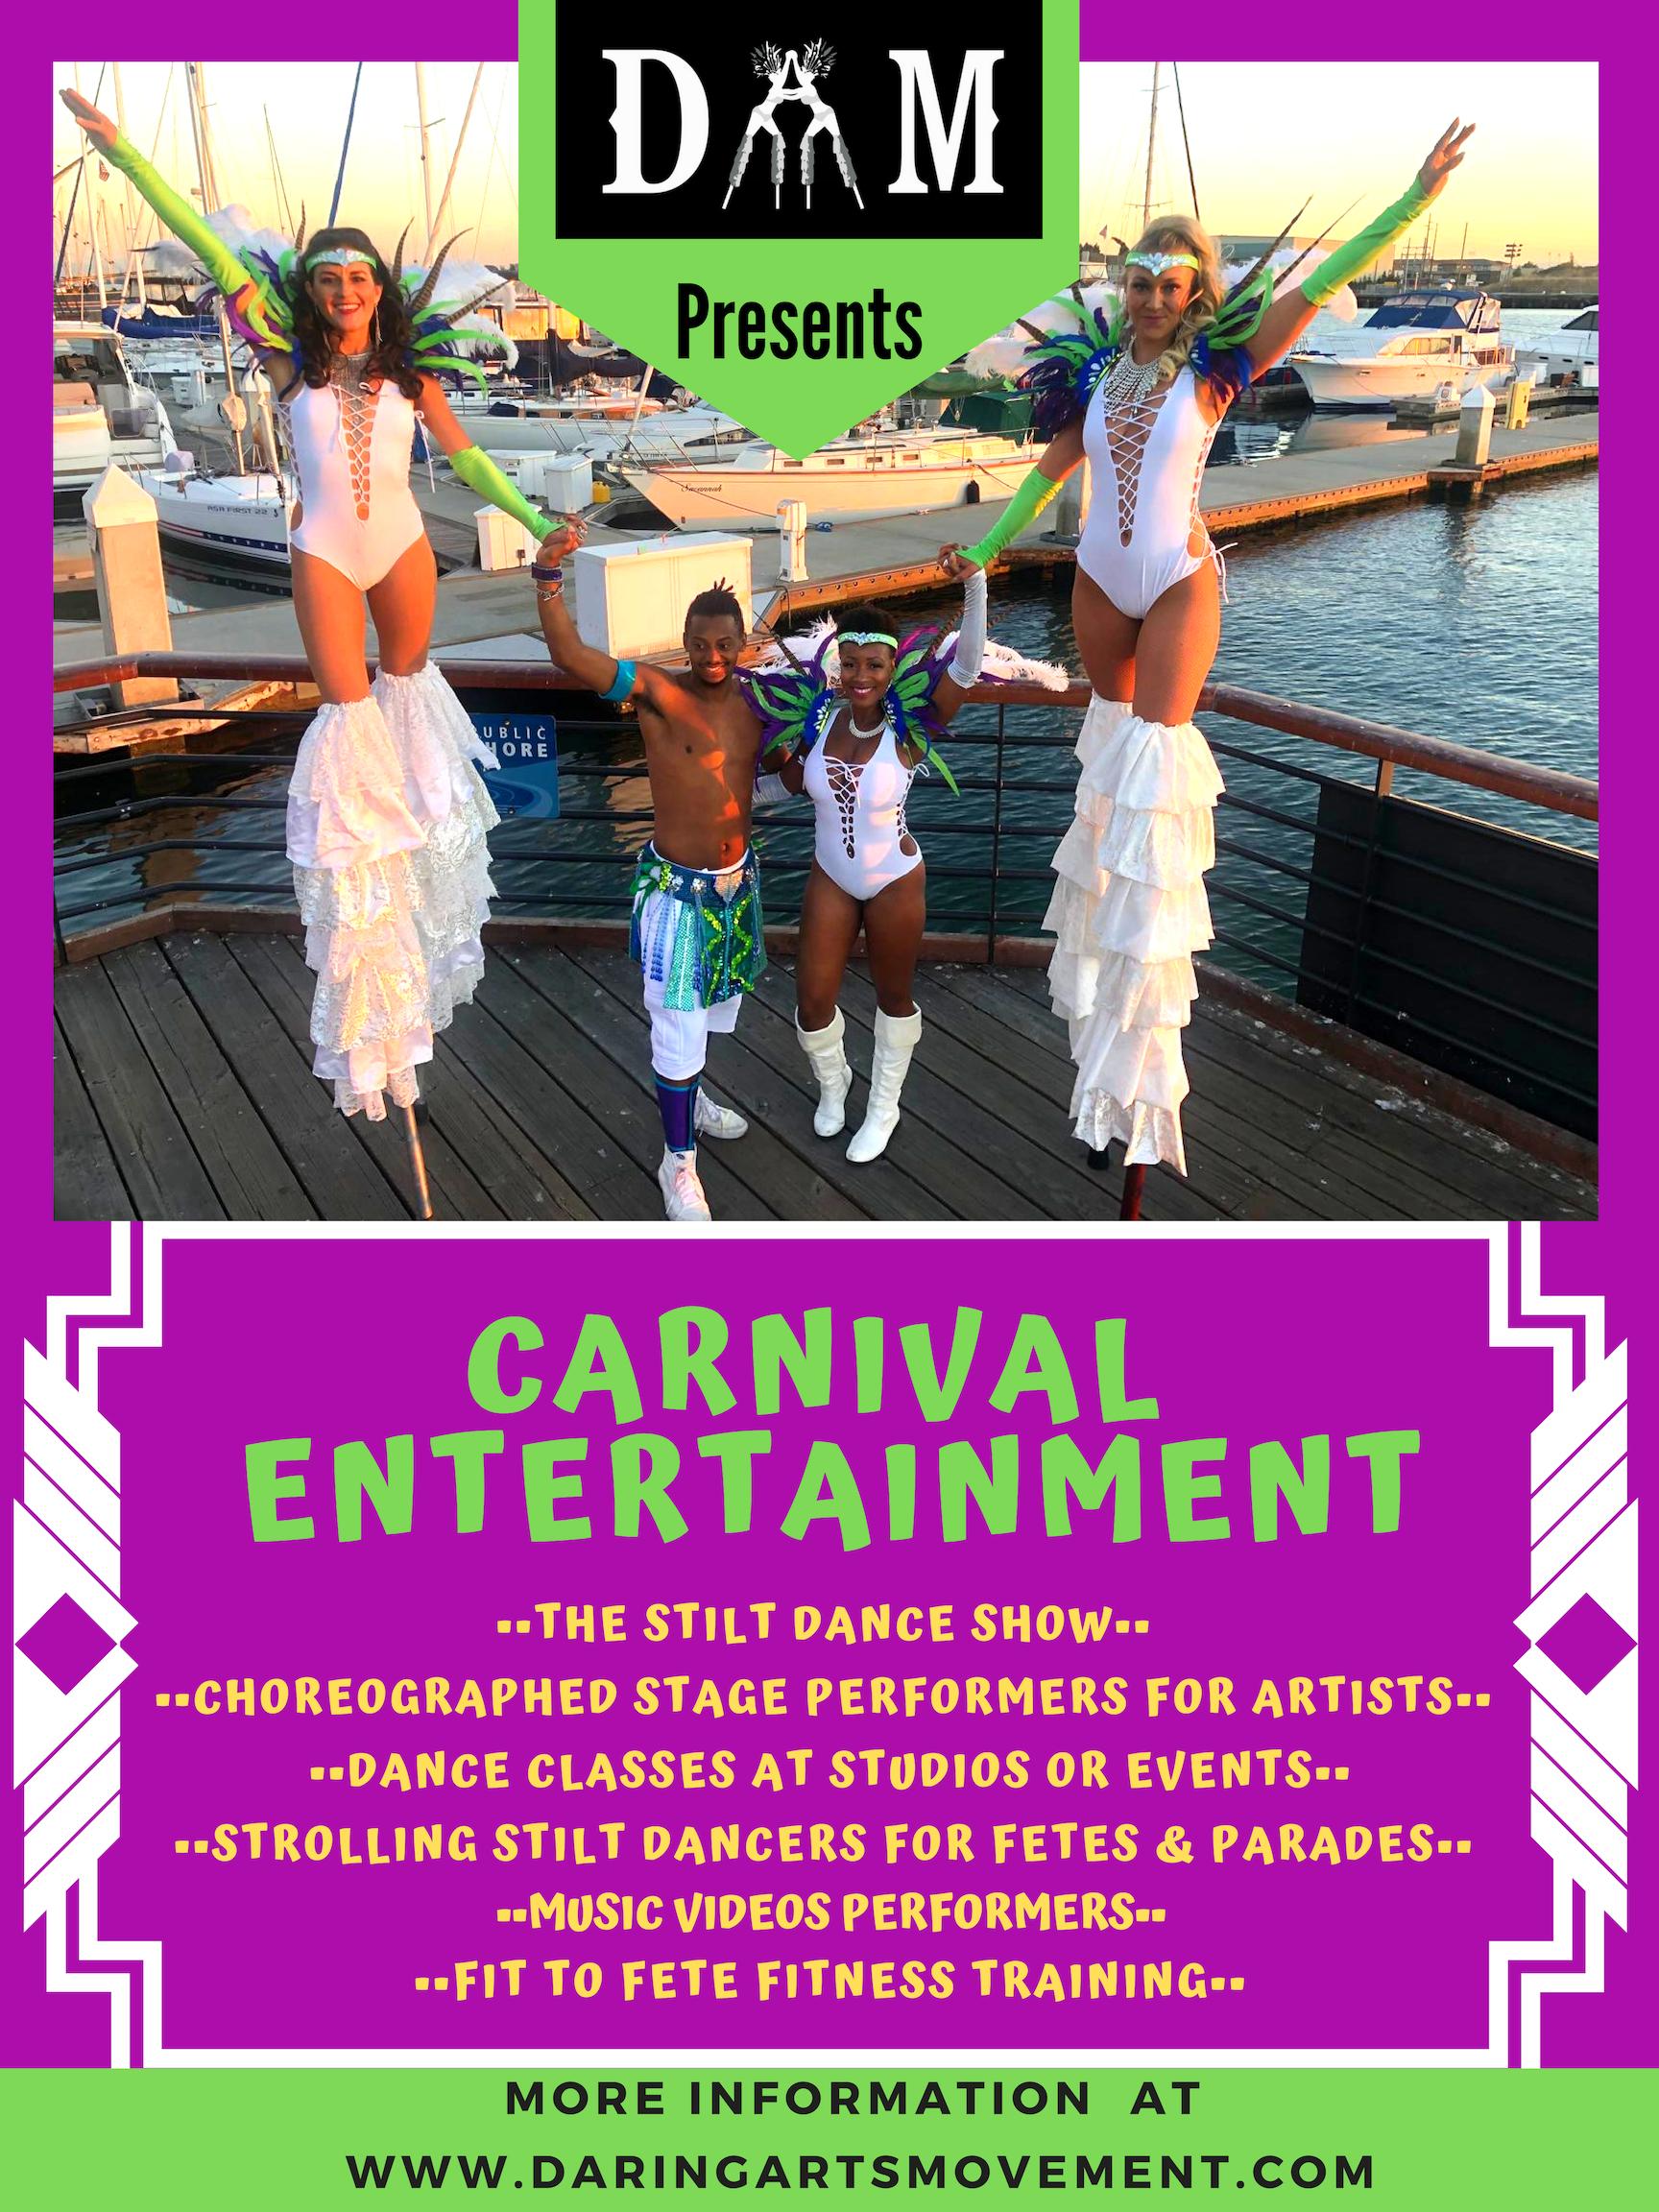 DAM Carnival Entertainment Flier.jpg